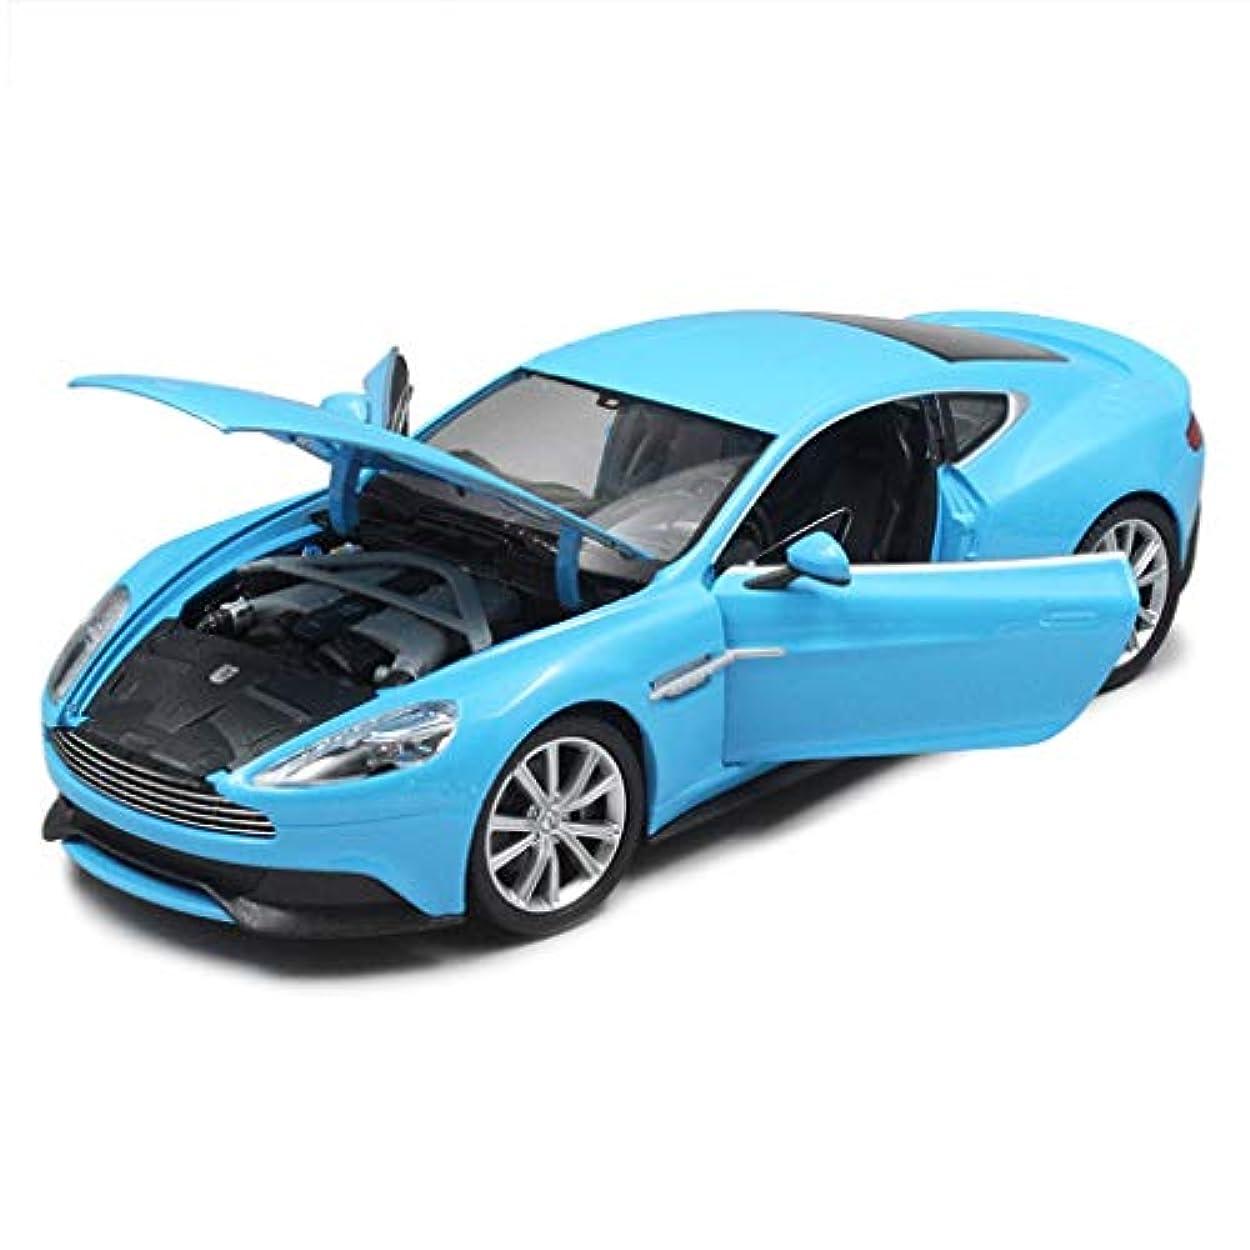 住む豆腐衝突コースHyzbカーモデルカー1:24 Aston Martin Vanquishシミュレーション合金ダイカスト玩具ジュエリースポーツカーシリーズジュエリー18x8x4.5CM